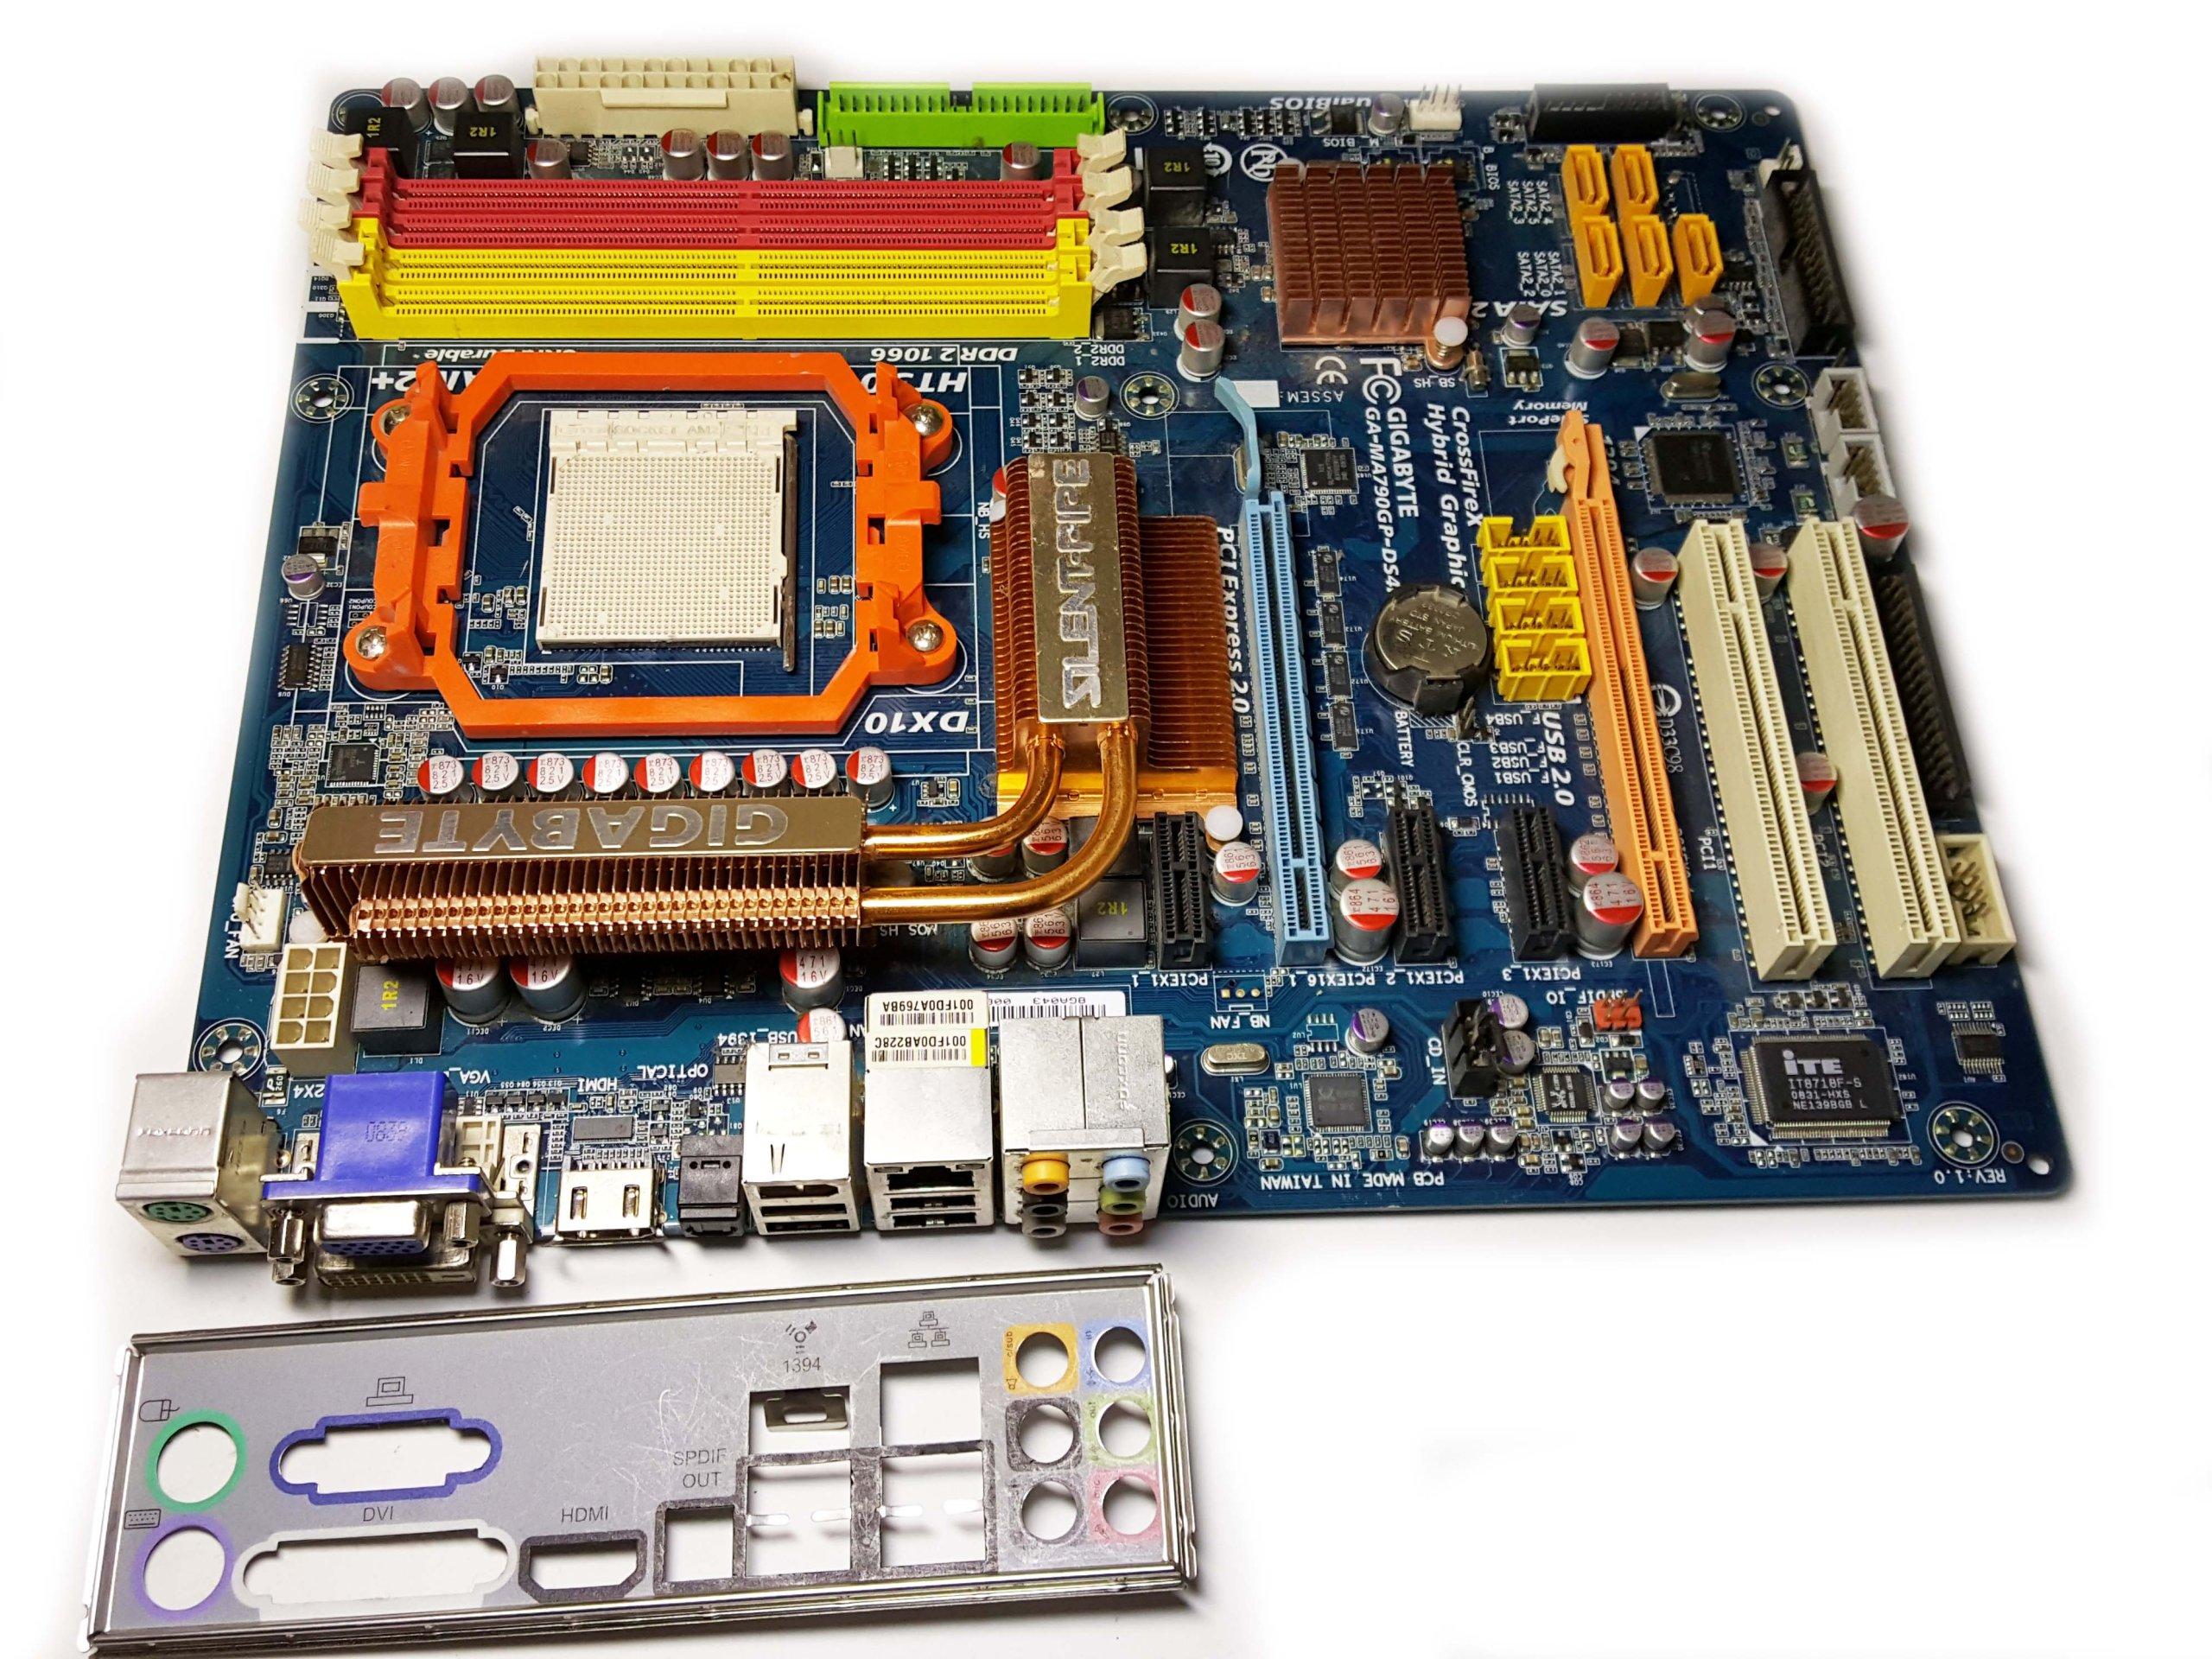 GIGABYTE GA MA790GP AM2 AM3 4XDDR2 do 16GB 7 1